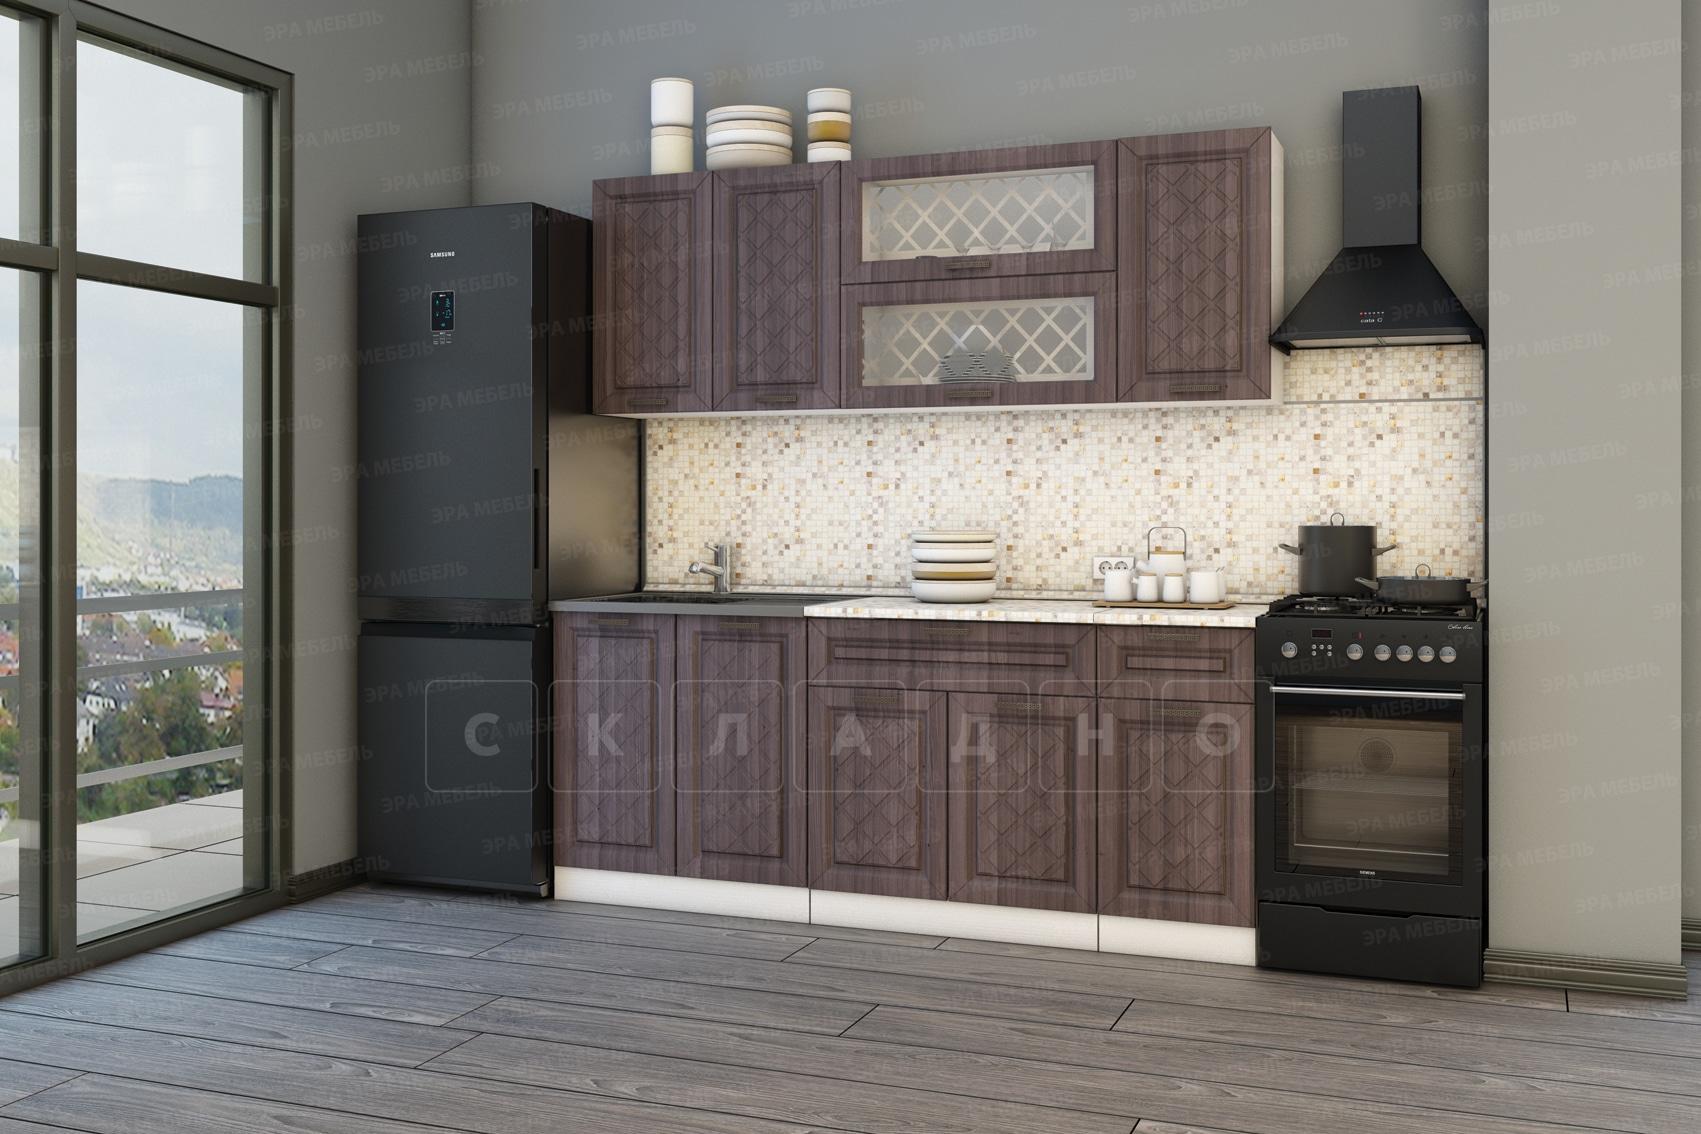 Кухонный гарнитур Агава 2,0 м вариант 2 фото 2 | интернет-магазин Складно